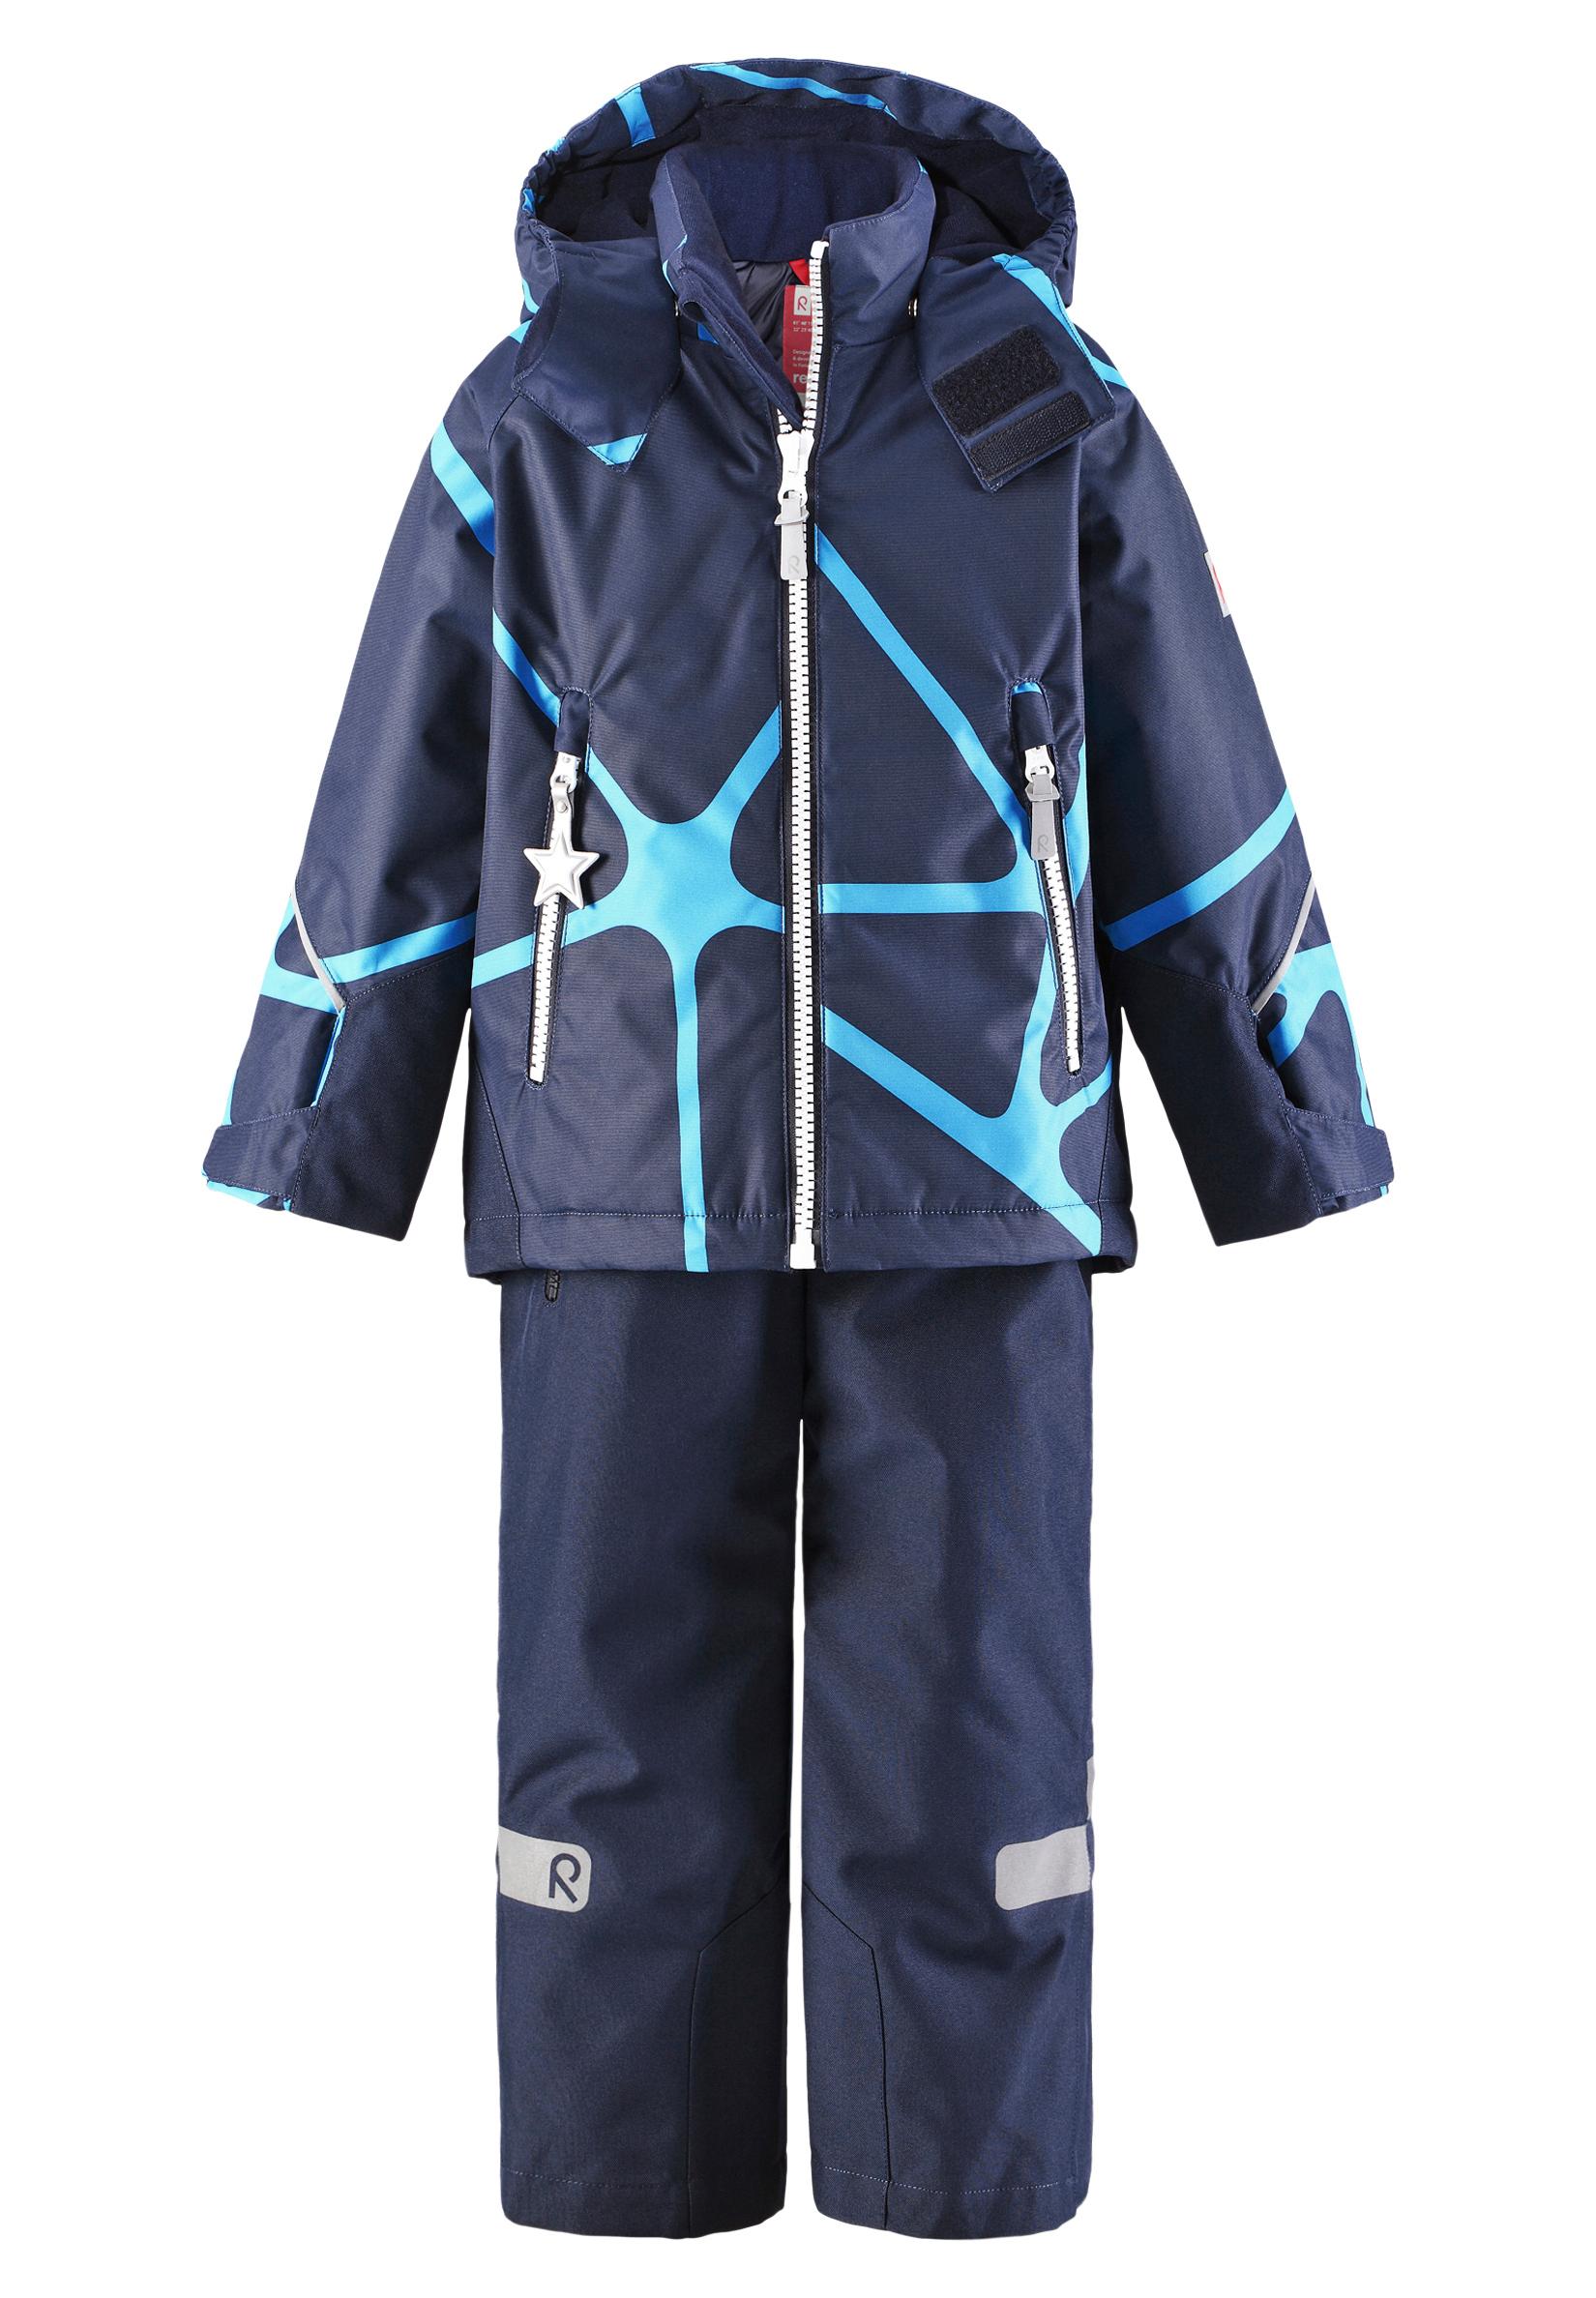 Kide-takki ja housut, tuulen- ja vedenpitävät